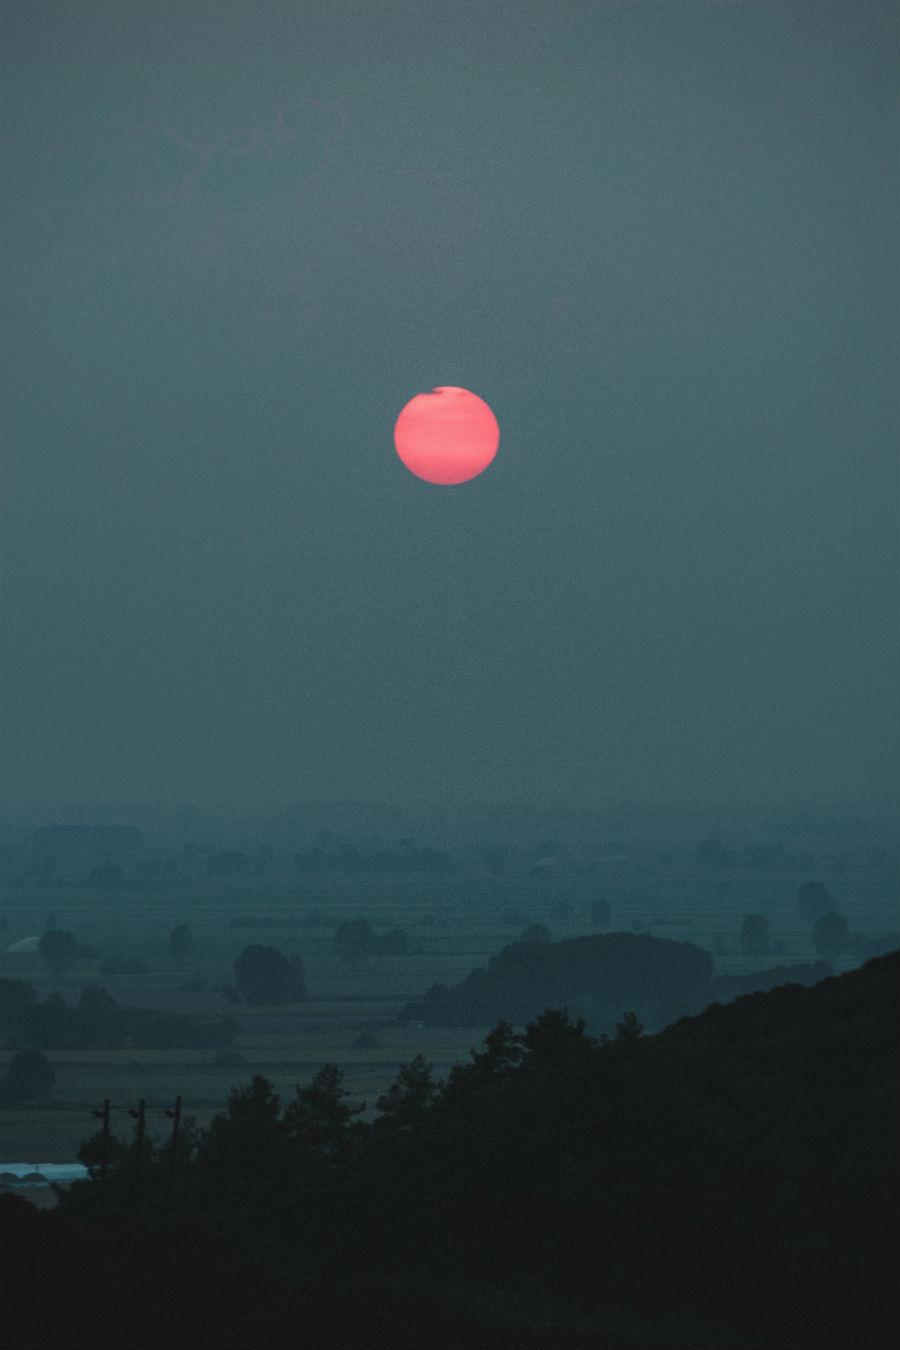 Cele mai frumoase ipostaze ale lunii, in poze superbe - Poza 14